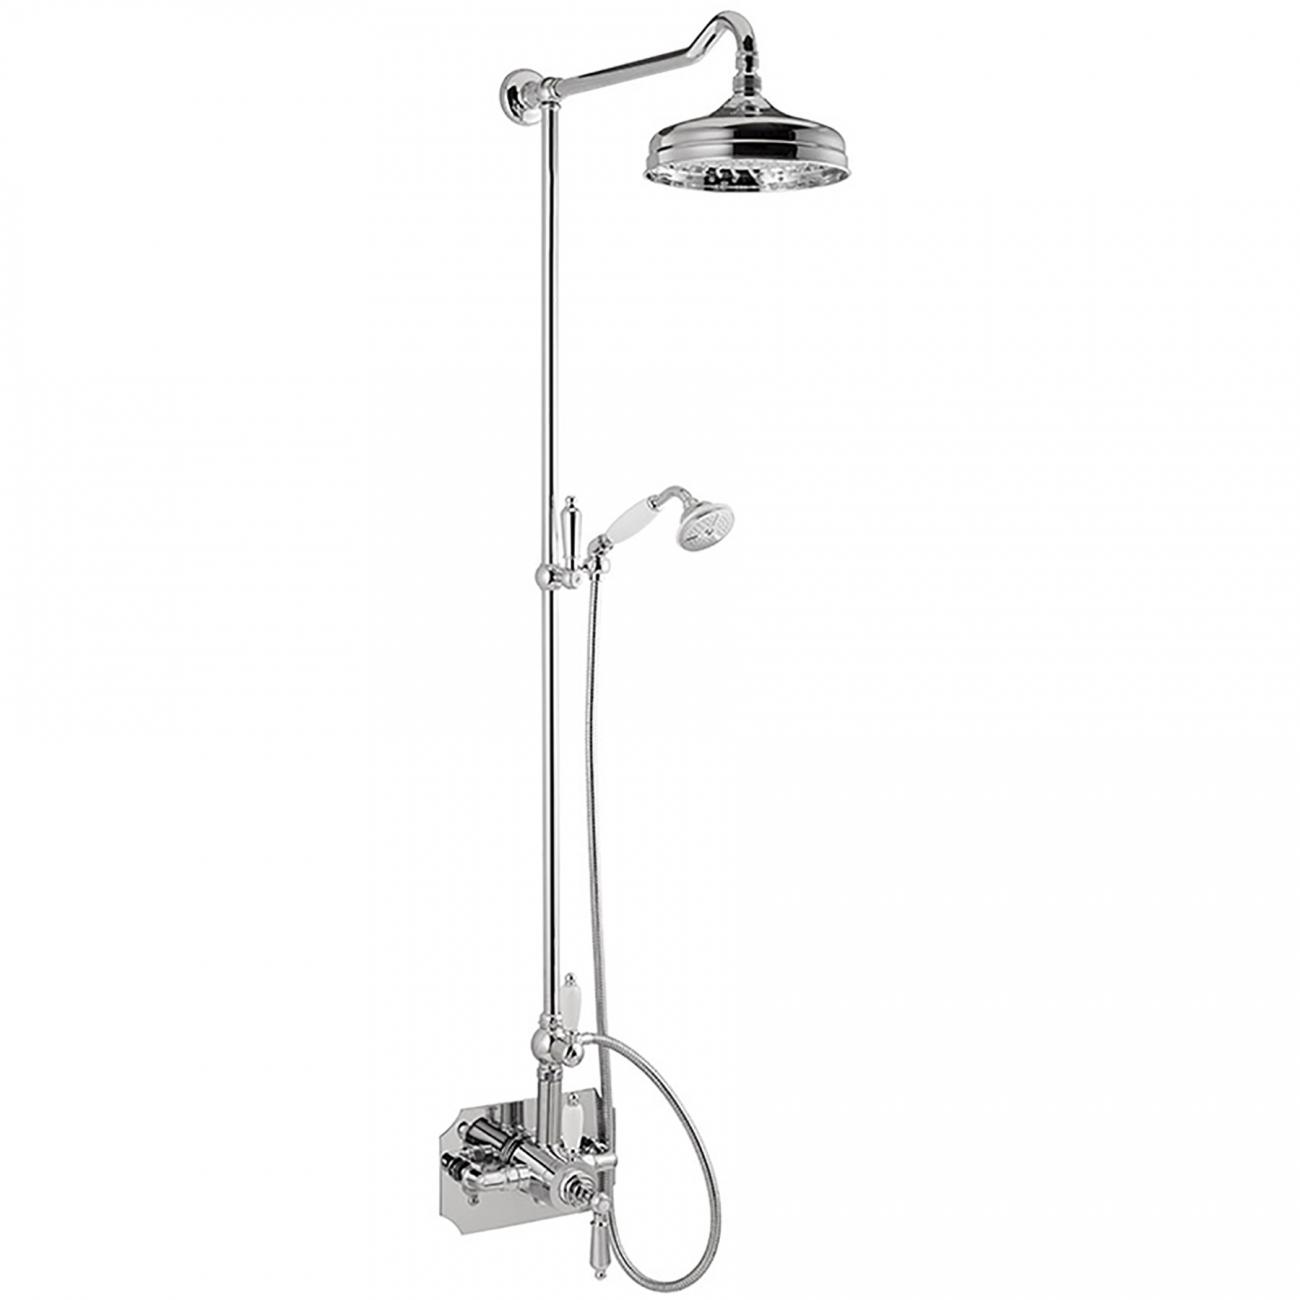 Newform Daytime Style shower column